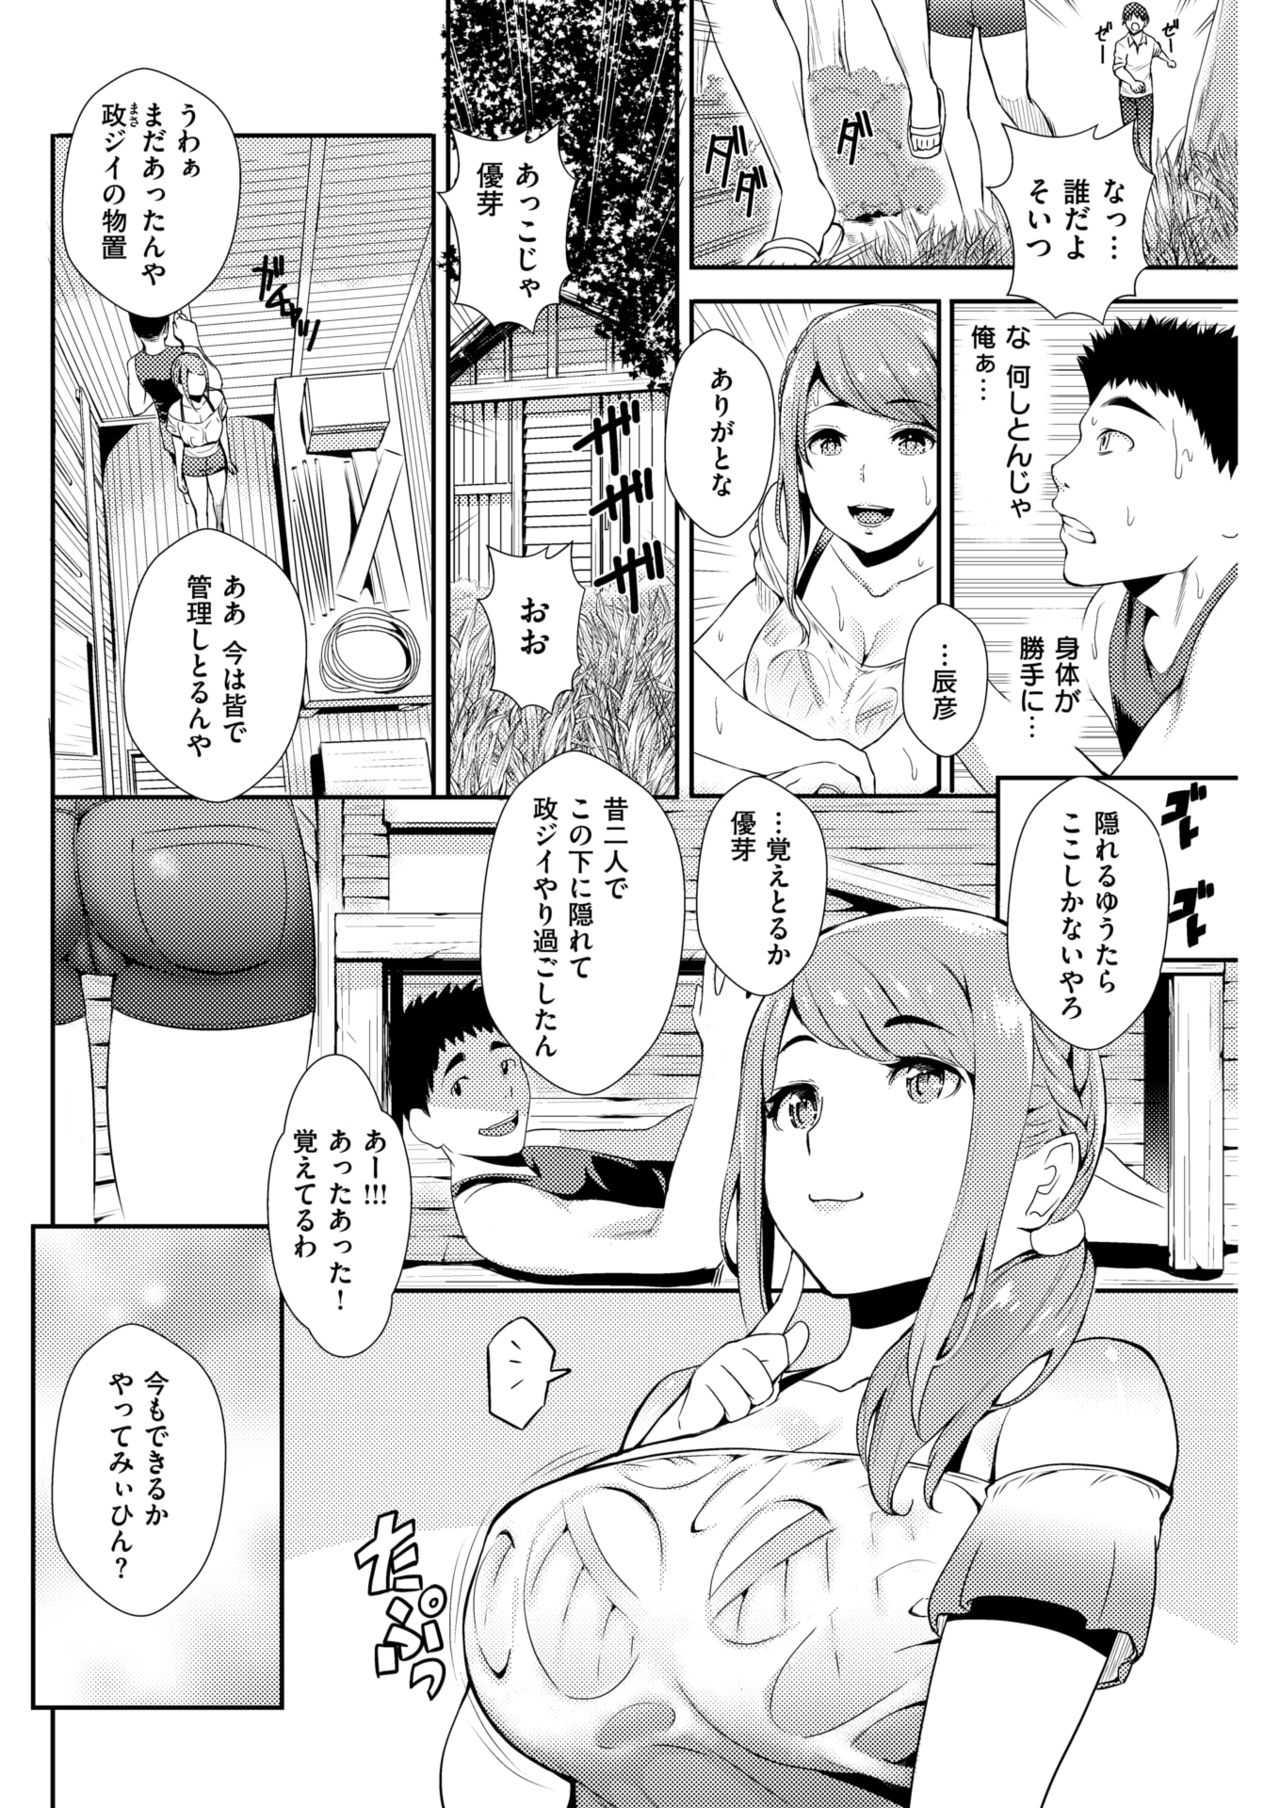 【エロ漫画】10年ぶりに帰省してきた幼馴染の色っぽさに抗えず浮気セックスwww